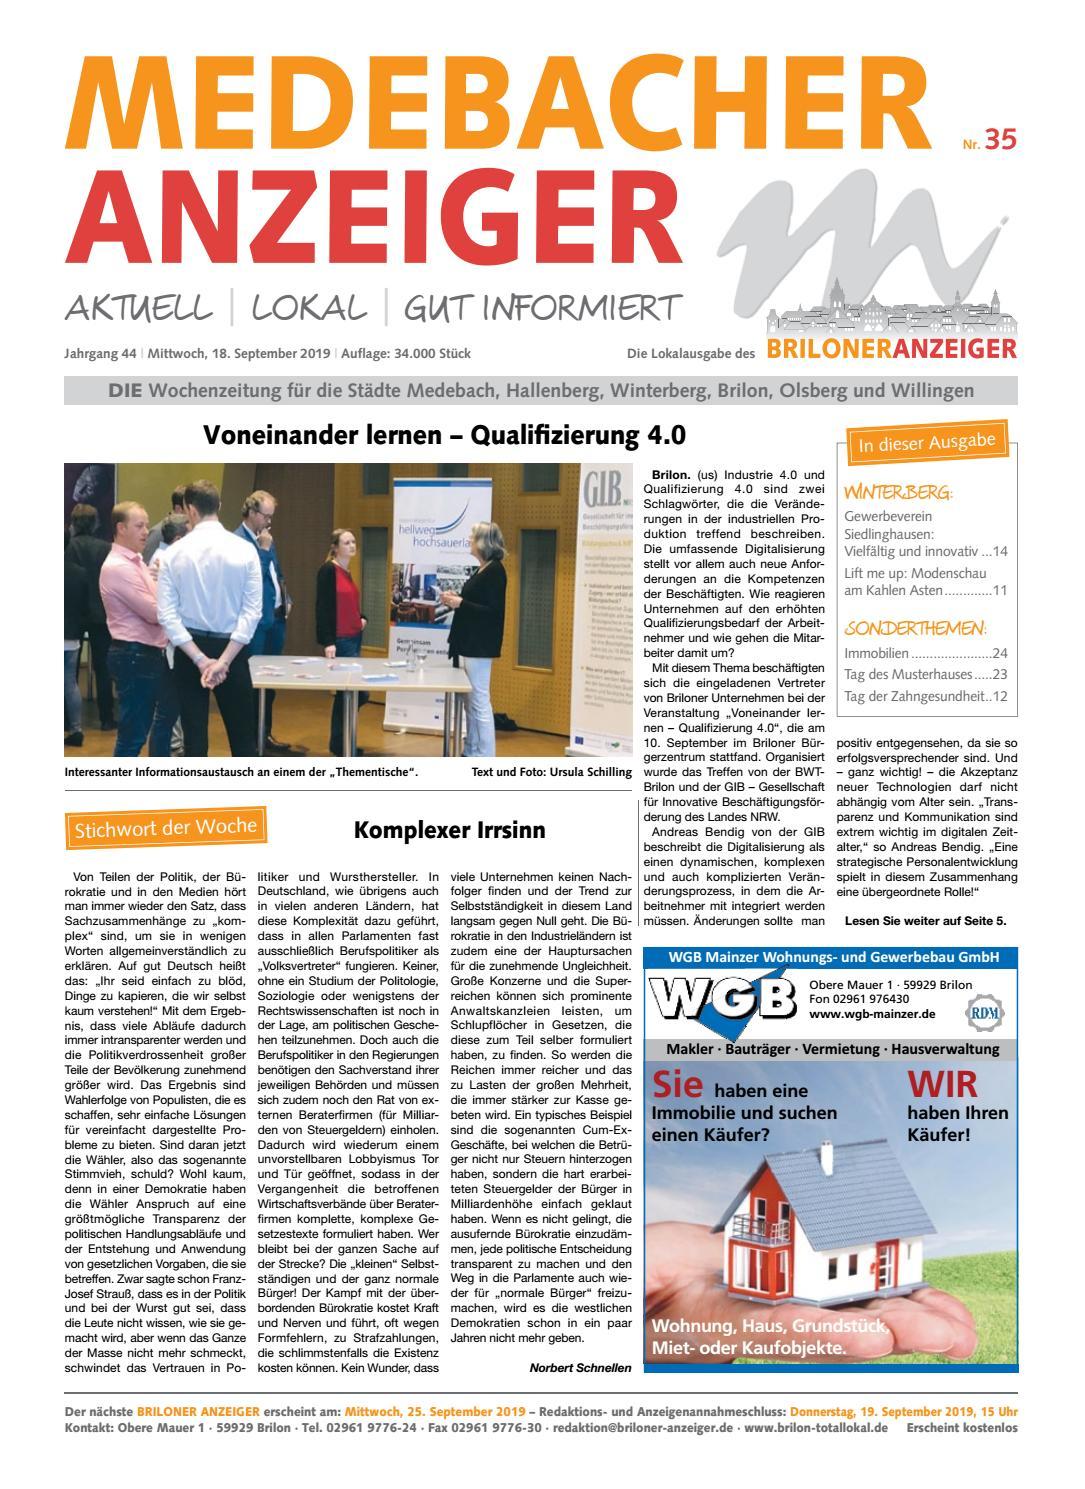 Medebacher Anzeiger Ausgabe Vom 18 09 2019 Nr 35 By Brilon